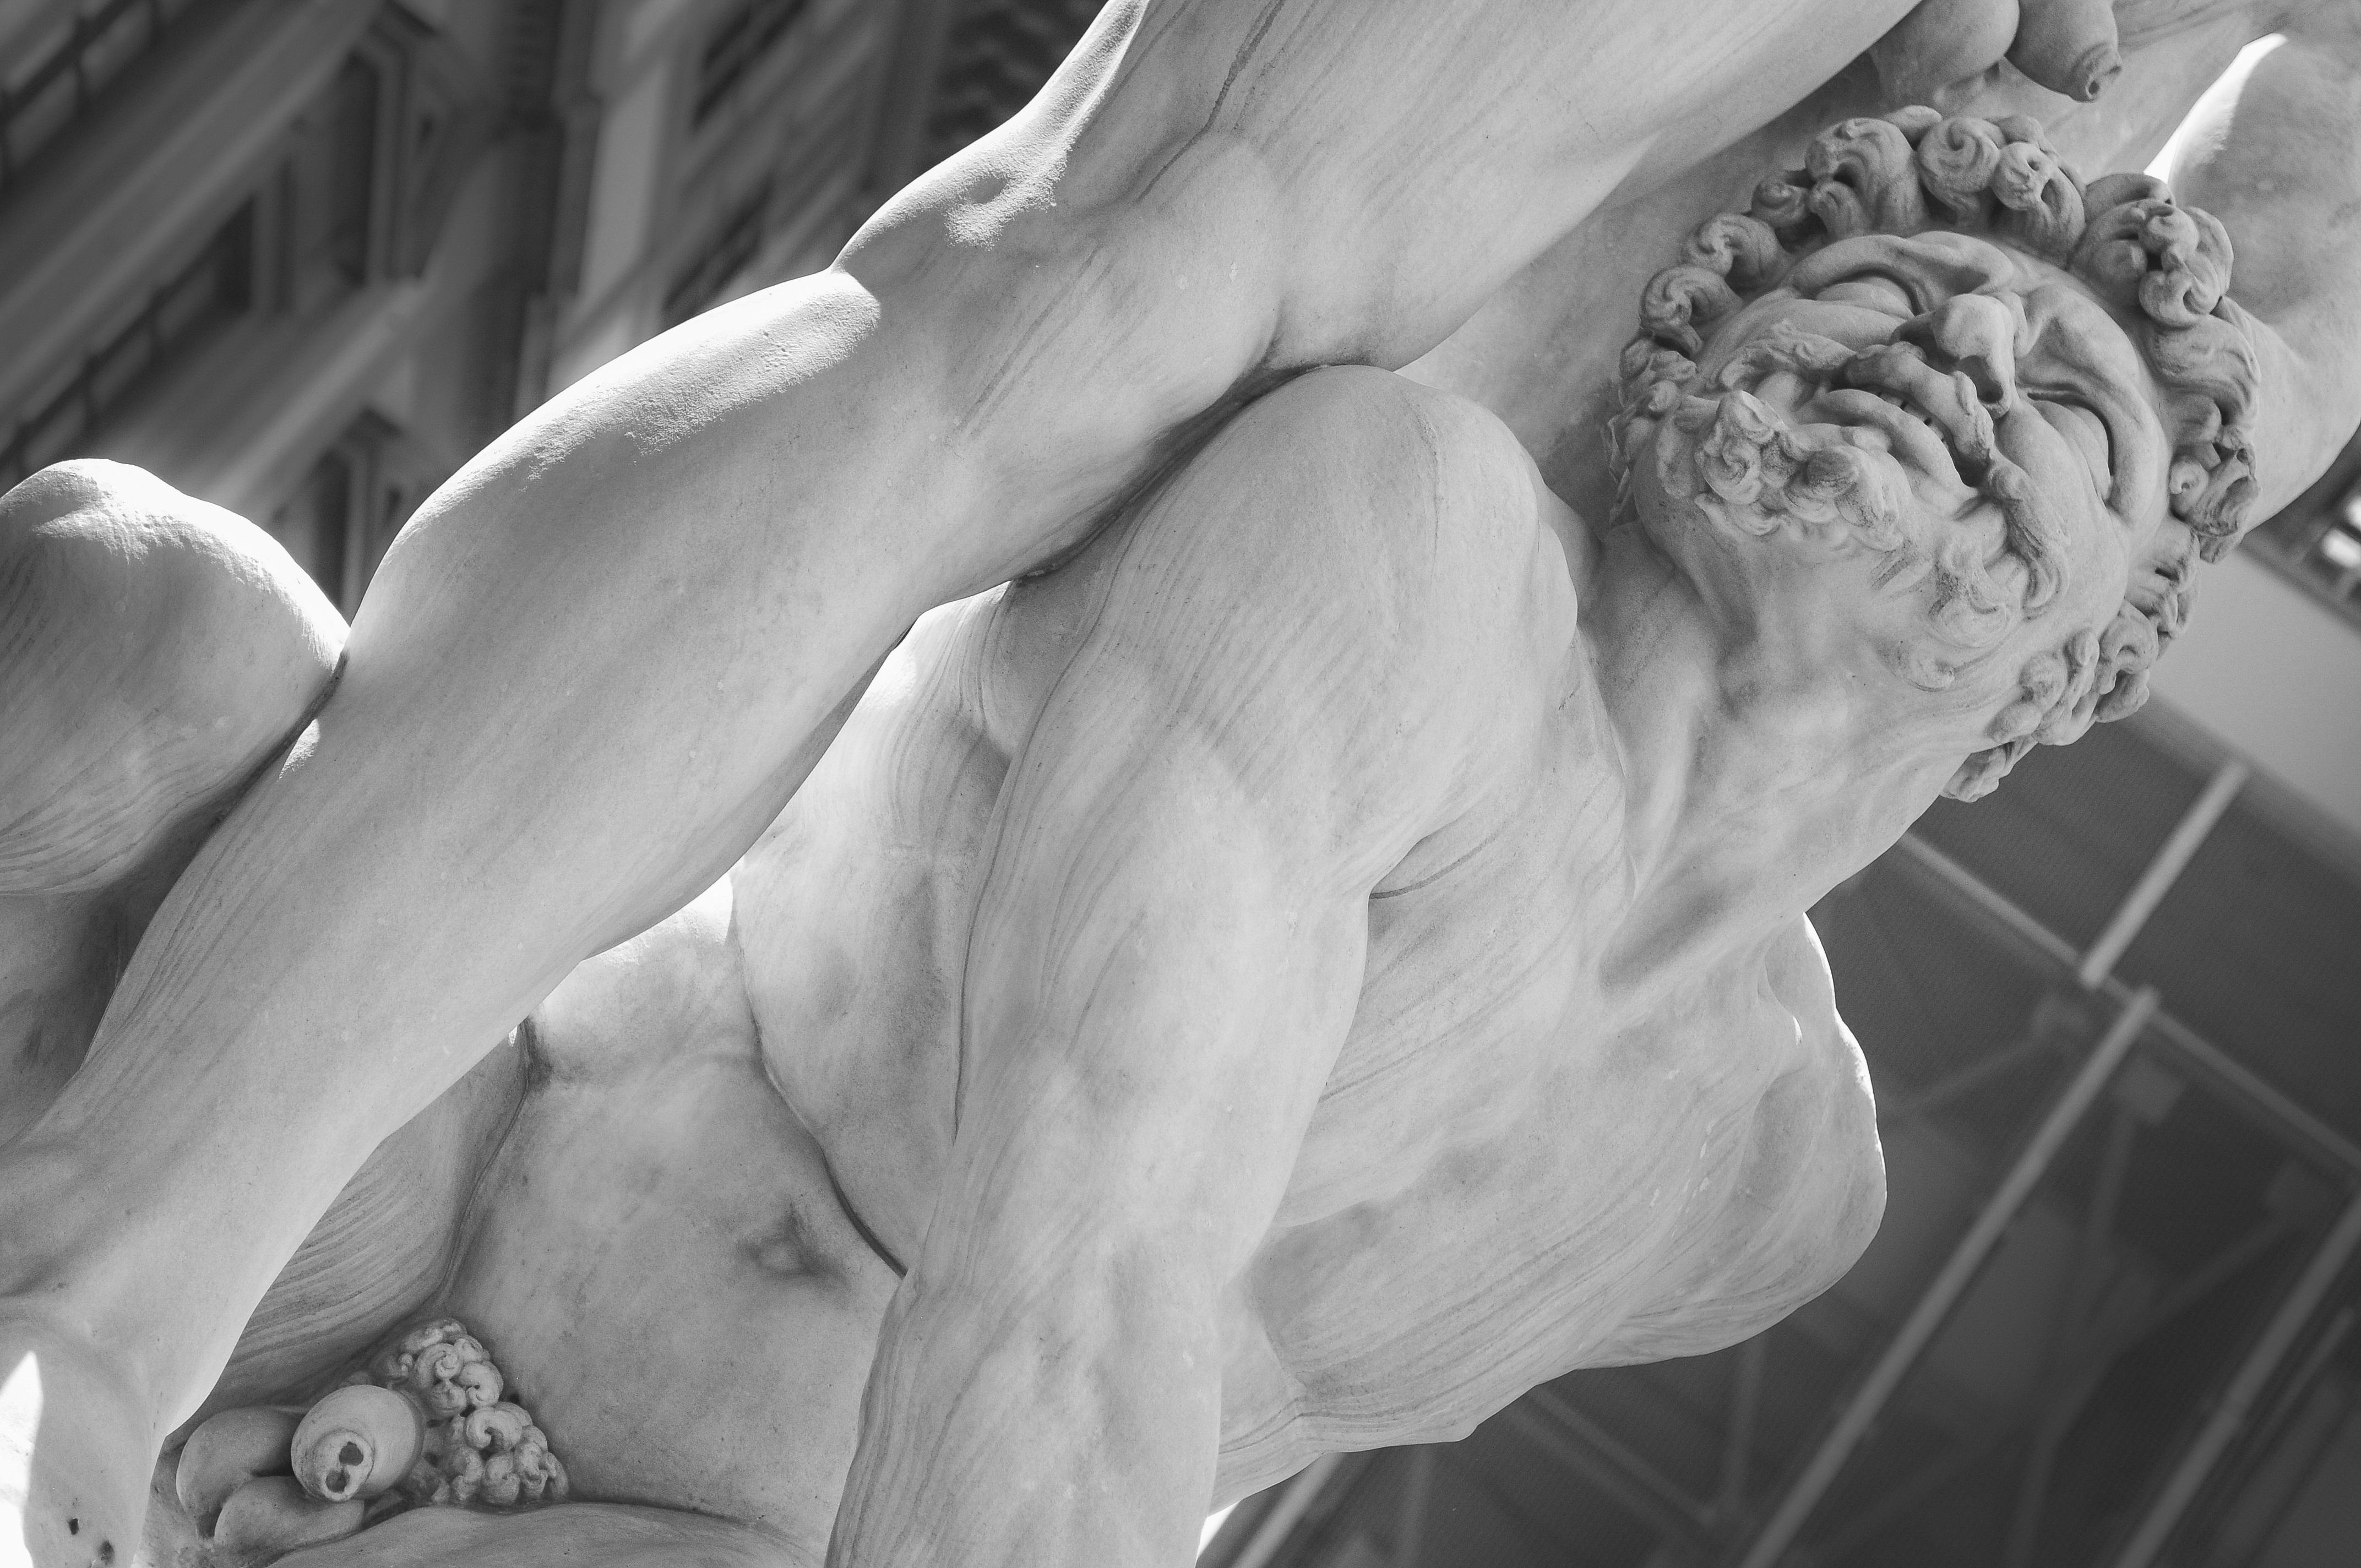 Images Gratuites : main, noir et blanc, la photographie, vieux, pierre, monument, statue, grec, ancien, historique, Monochrome, bras, muscle, poitrine, ...